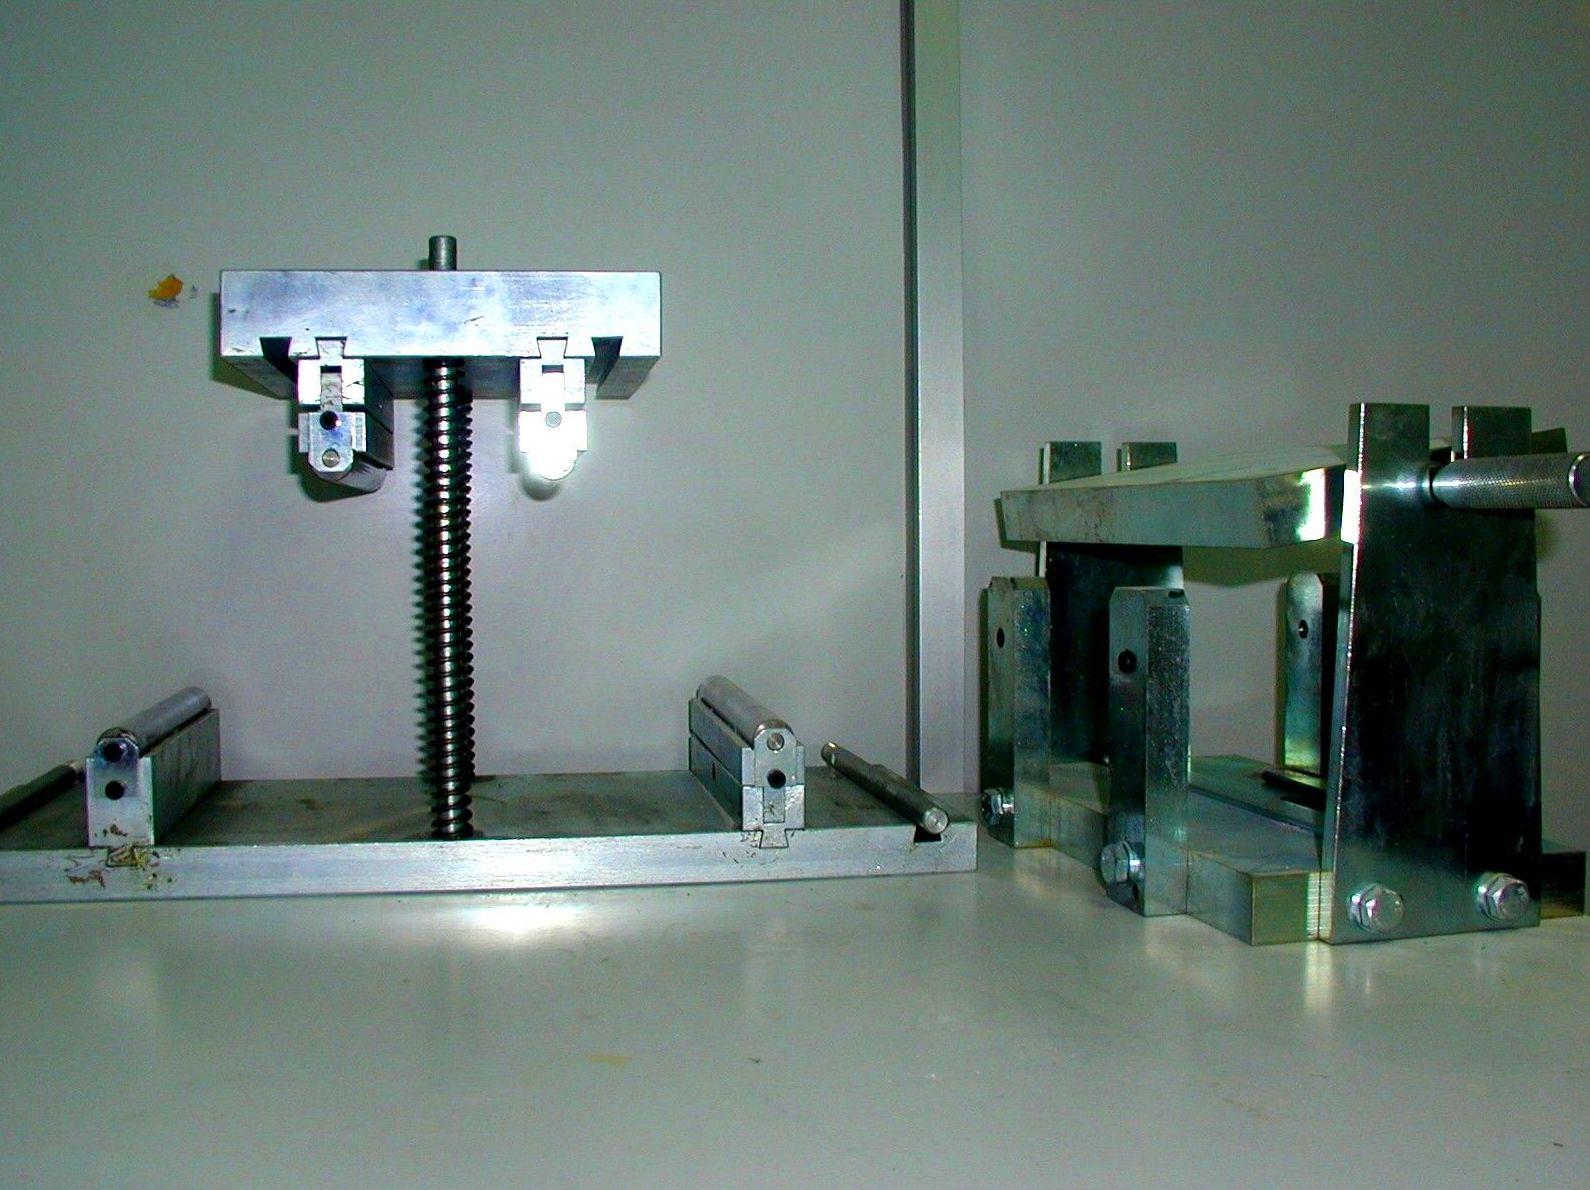 Foto 12 de Laboratorio especializado en ensayos geotécnicos en Fuenlabrada | Cepasa Ensayos Geotécnicos